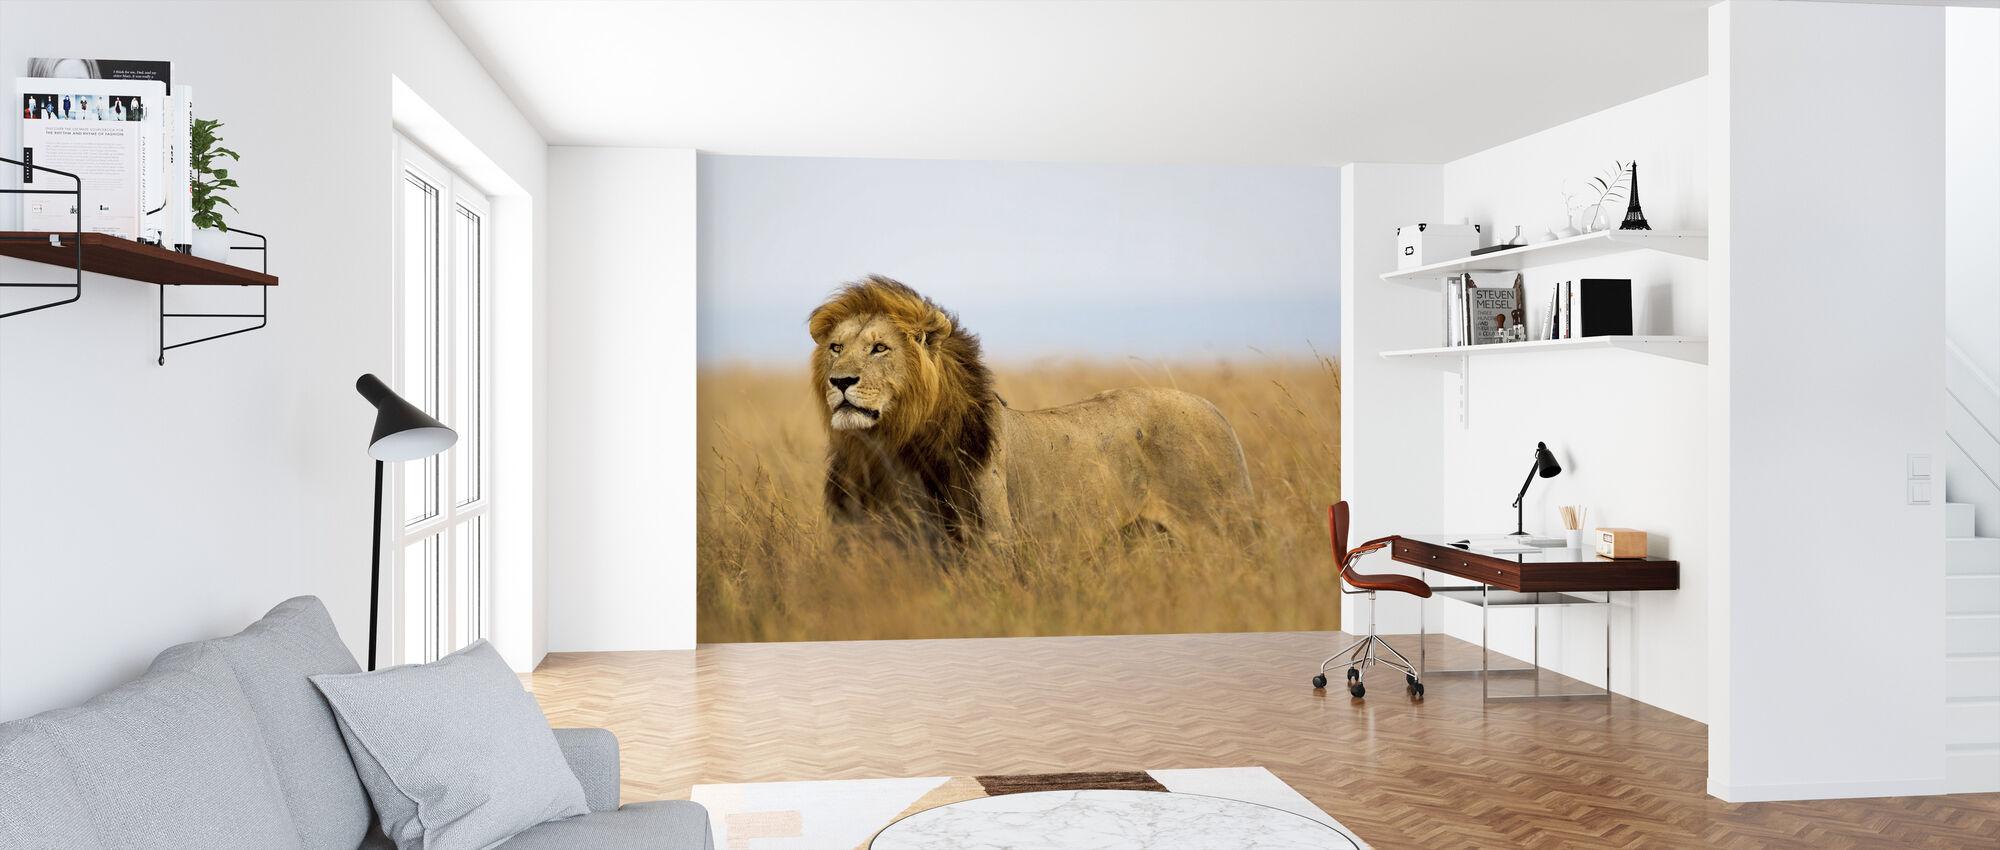 Leeuwen Horloge - Behang - Kantoor